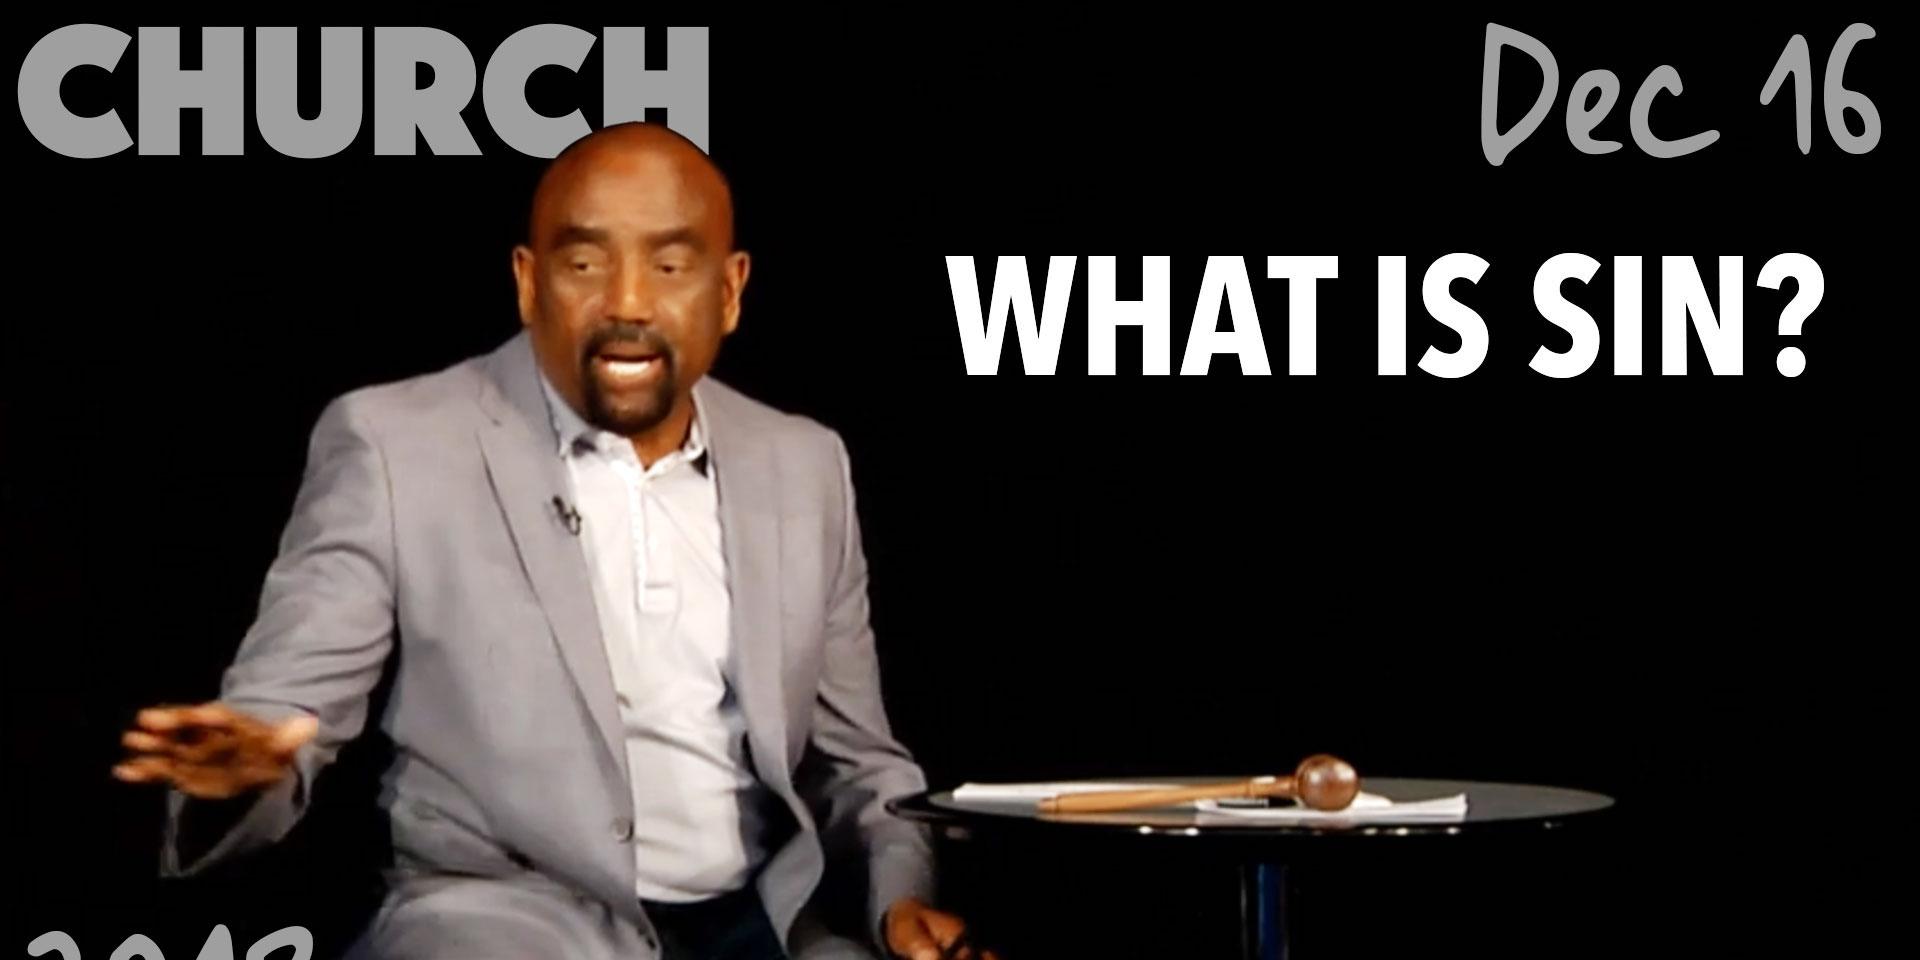 Church Dec 16: What is sin?